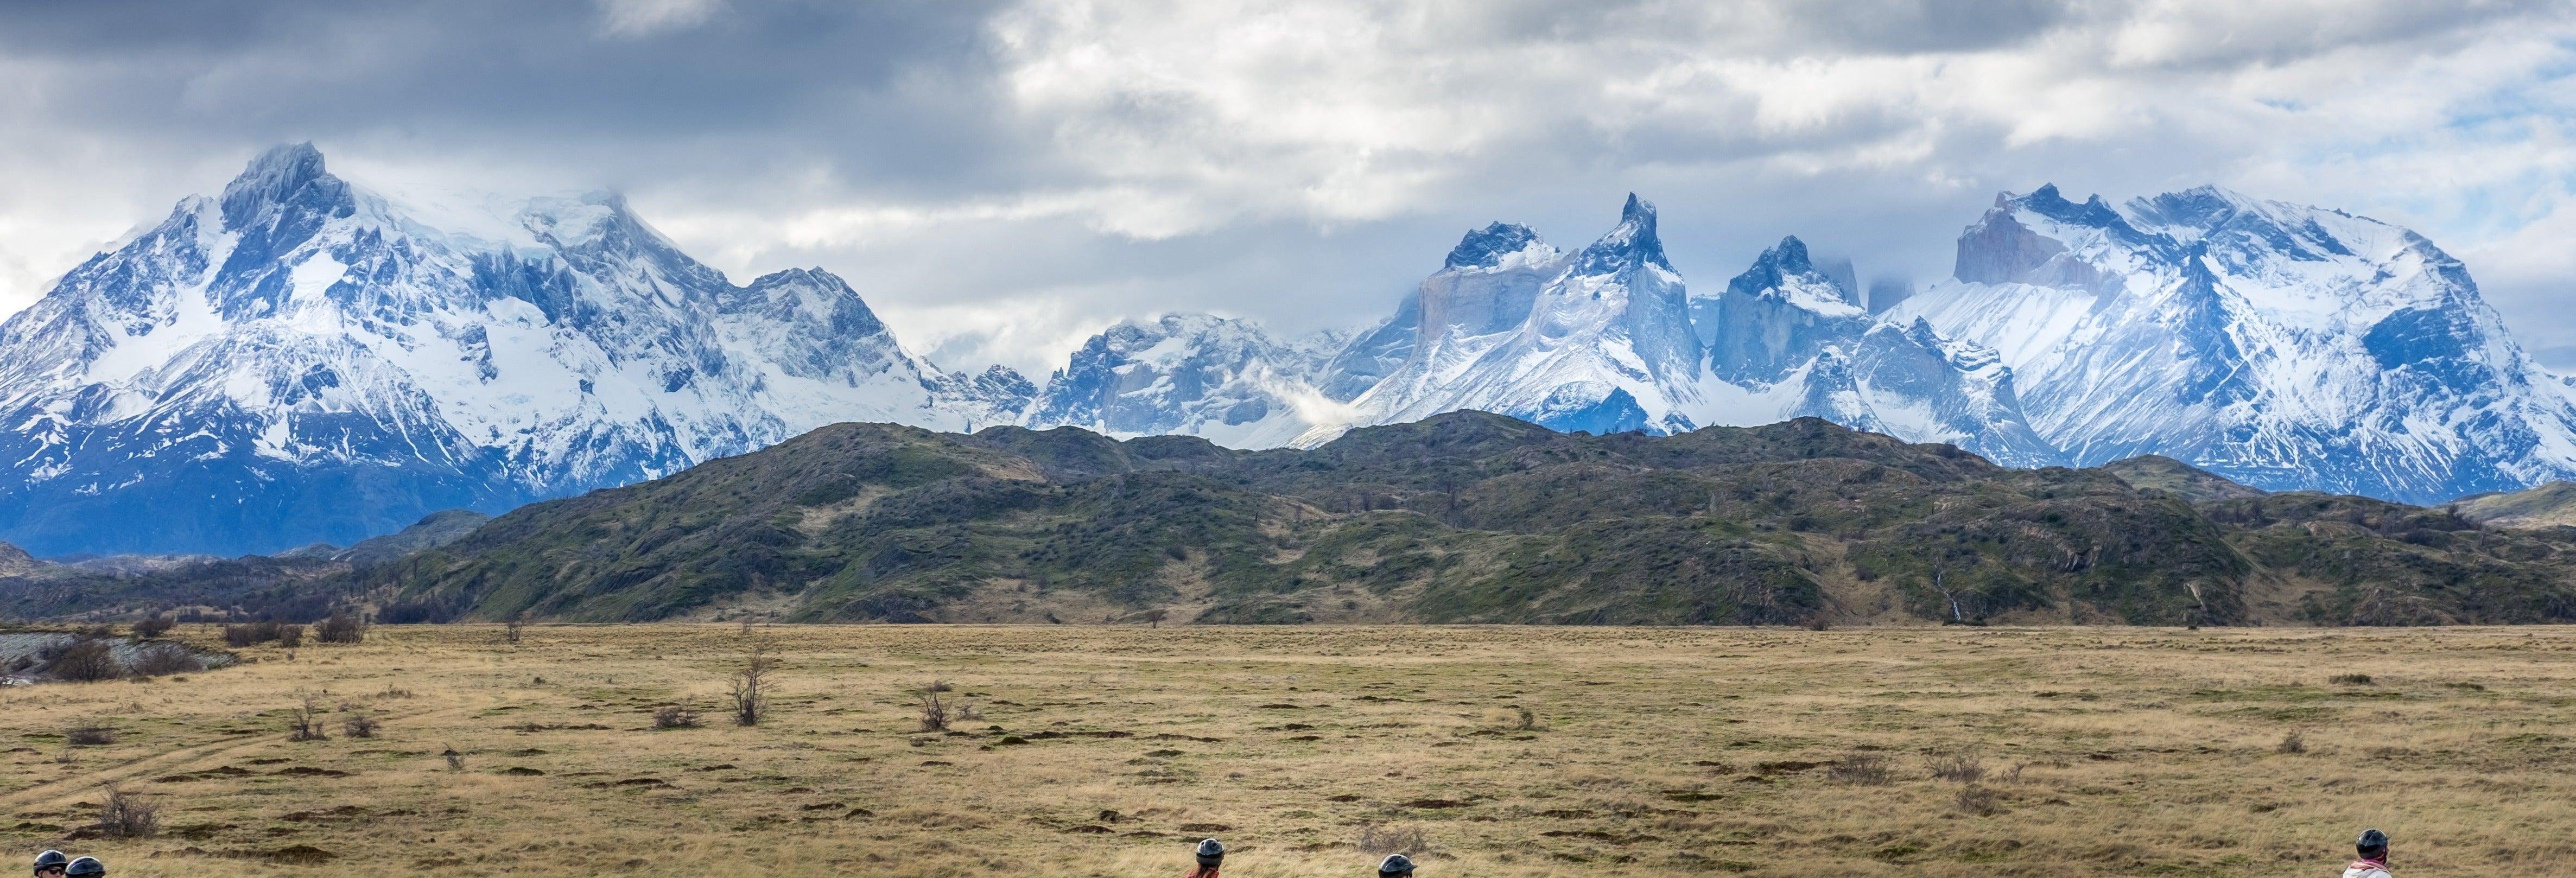 Excursão a cavalo pela Patagônia